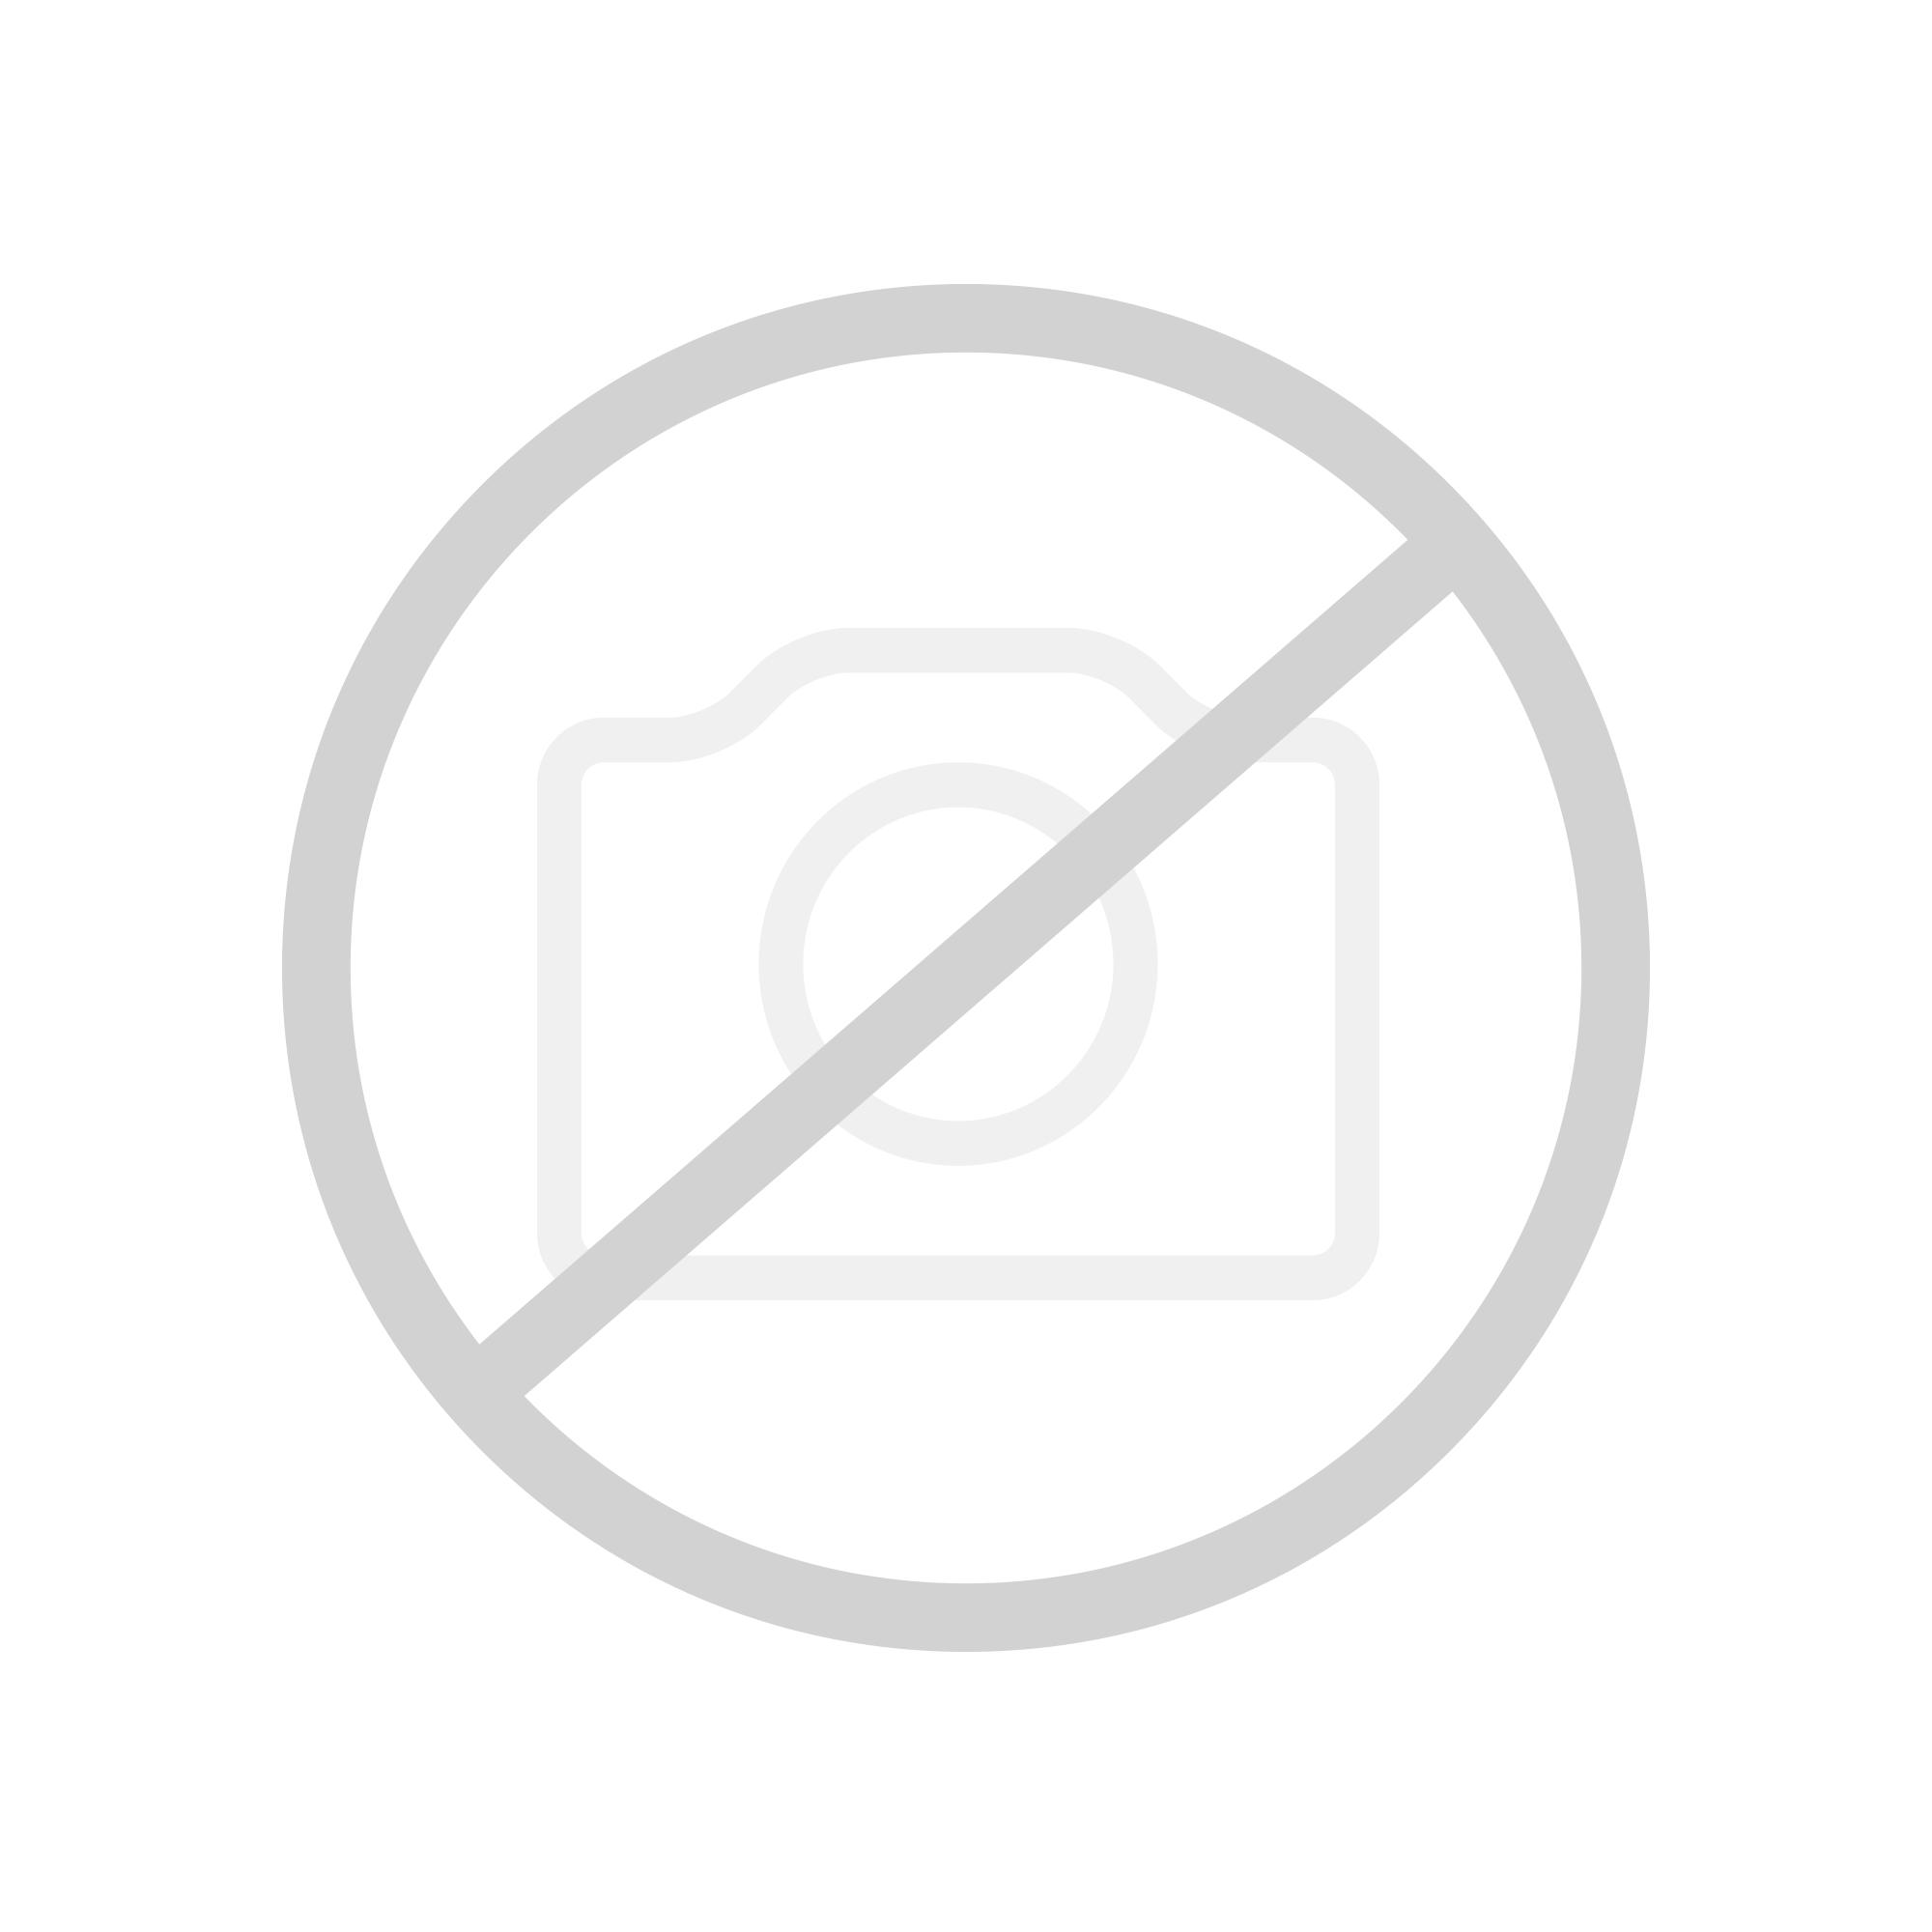 Unterschiedlich Geberit Monolith WC-Etagenbogen für Wand-WC - 131088291 | REUTER KN97